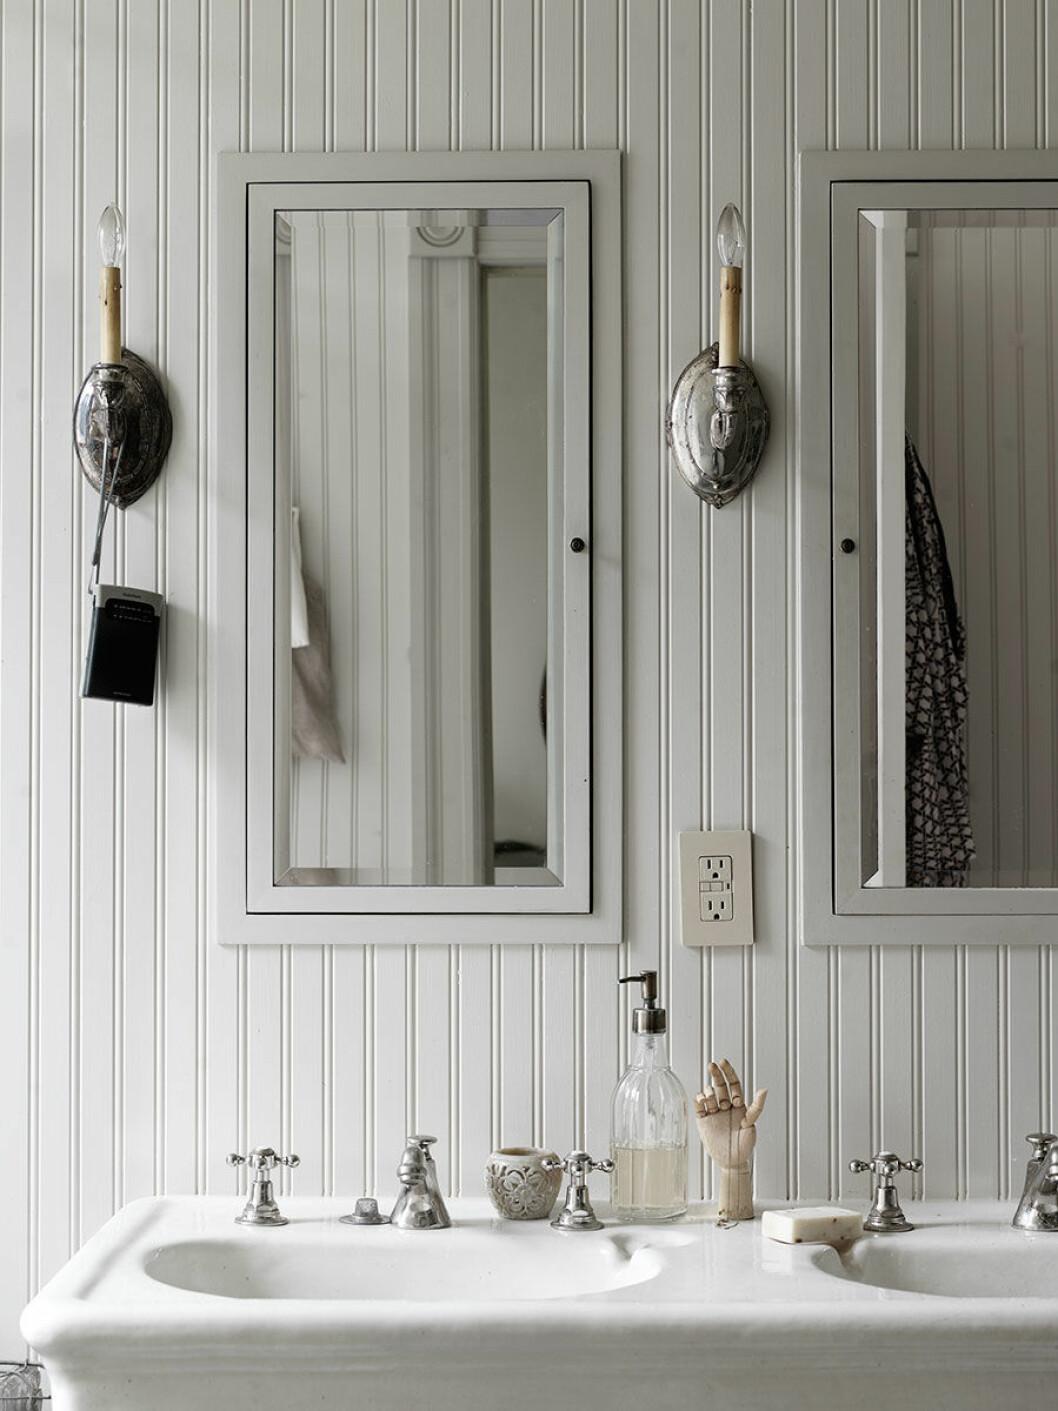 Platsbyggt badrumsskåp som är inbyggt i väggen